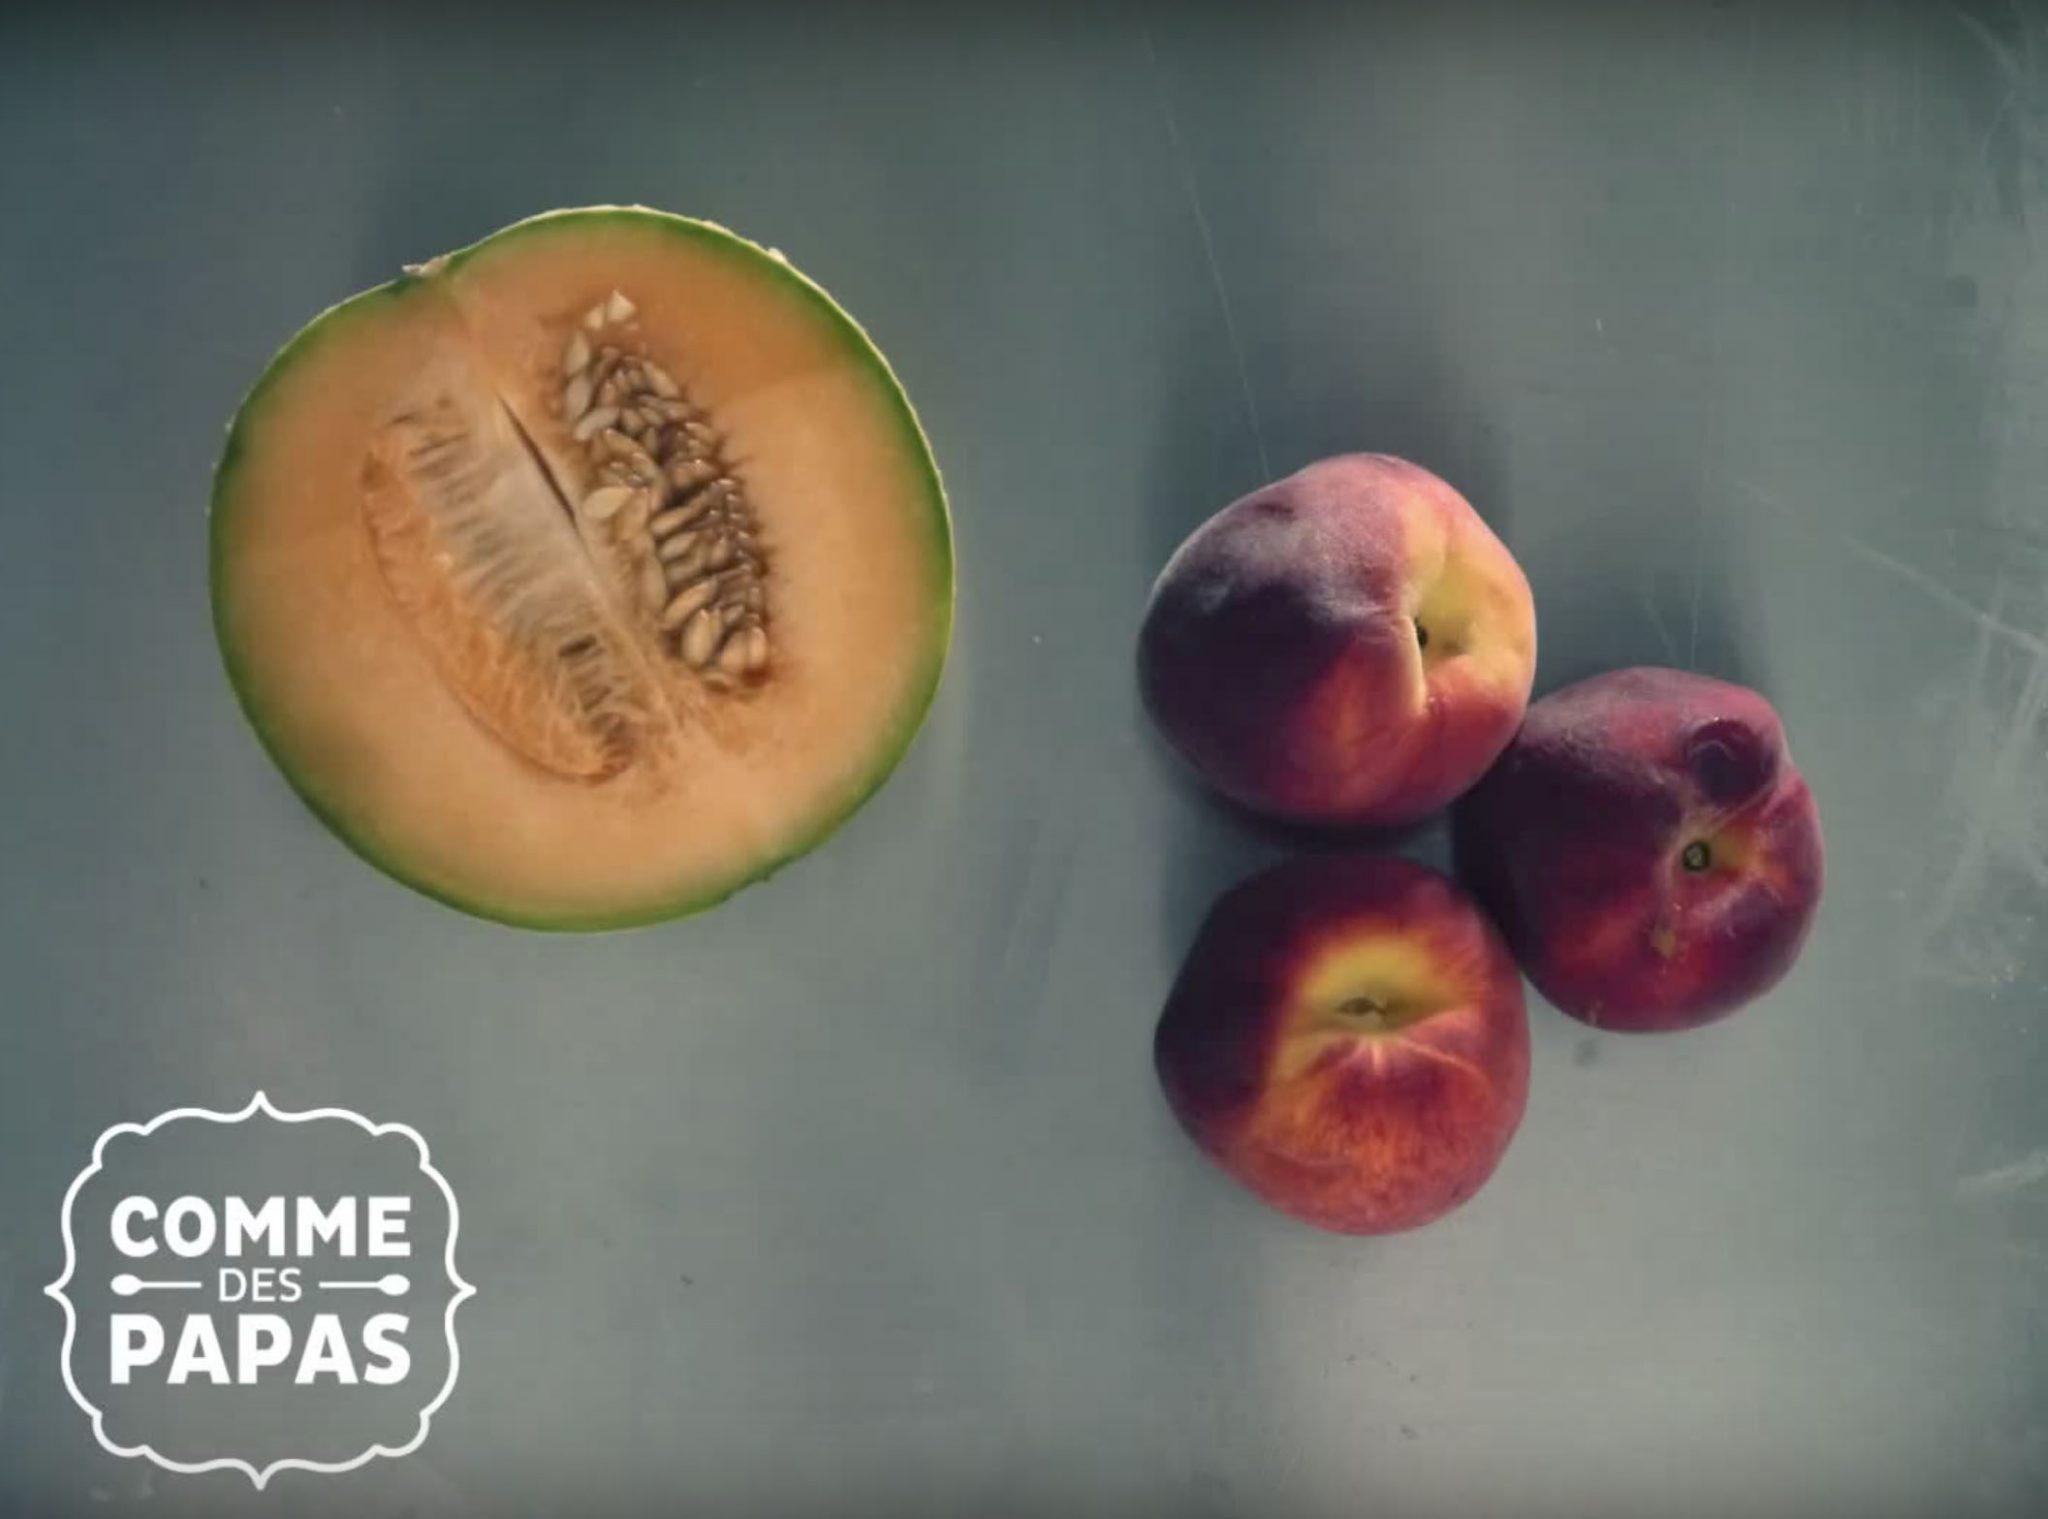 Recette bébé dès 6 mois : Soupe fraîche melon et pêches pour l'été